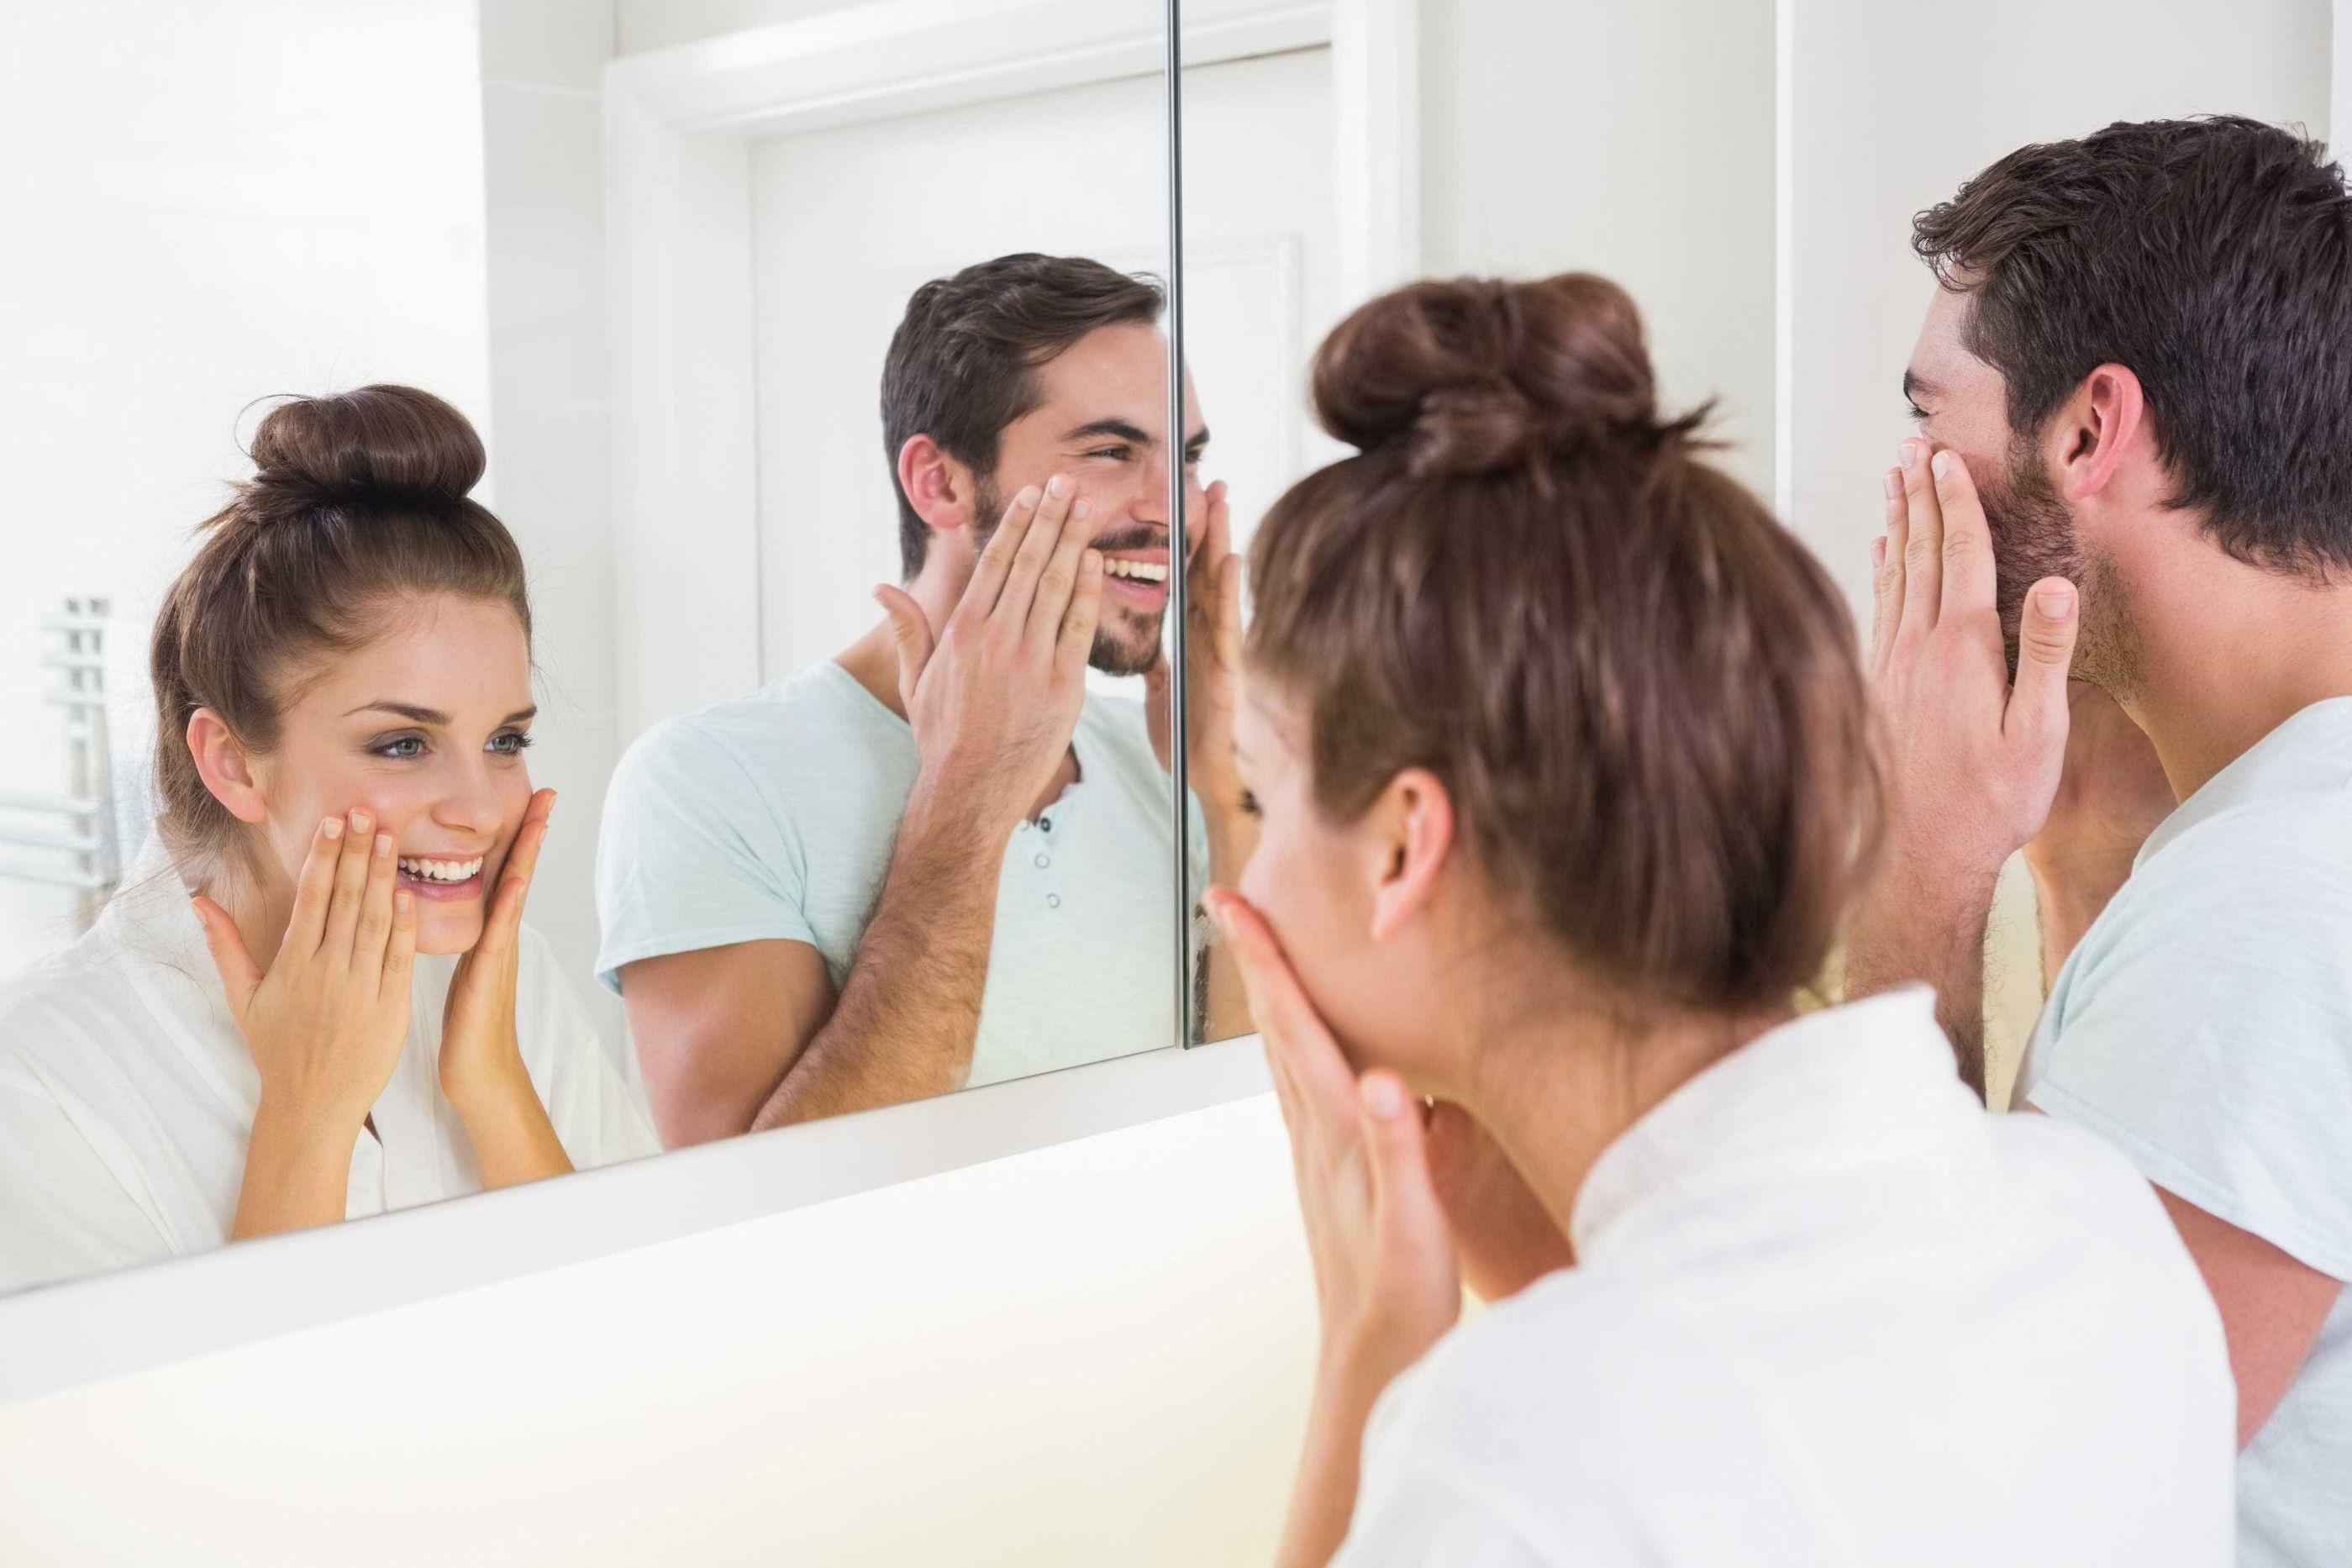 Espelho, espelho meu: cinco segredos para uma pele resplandecente